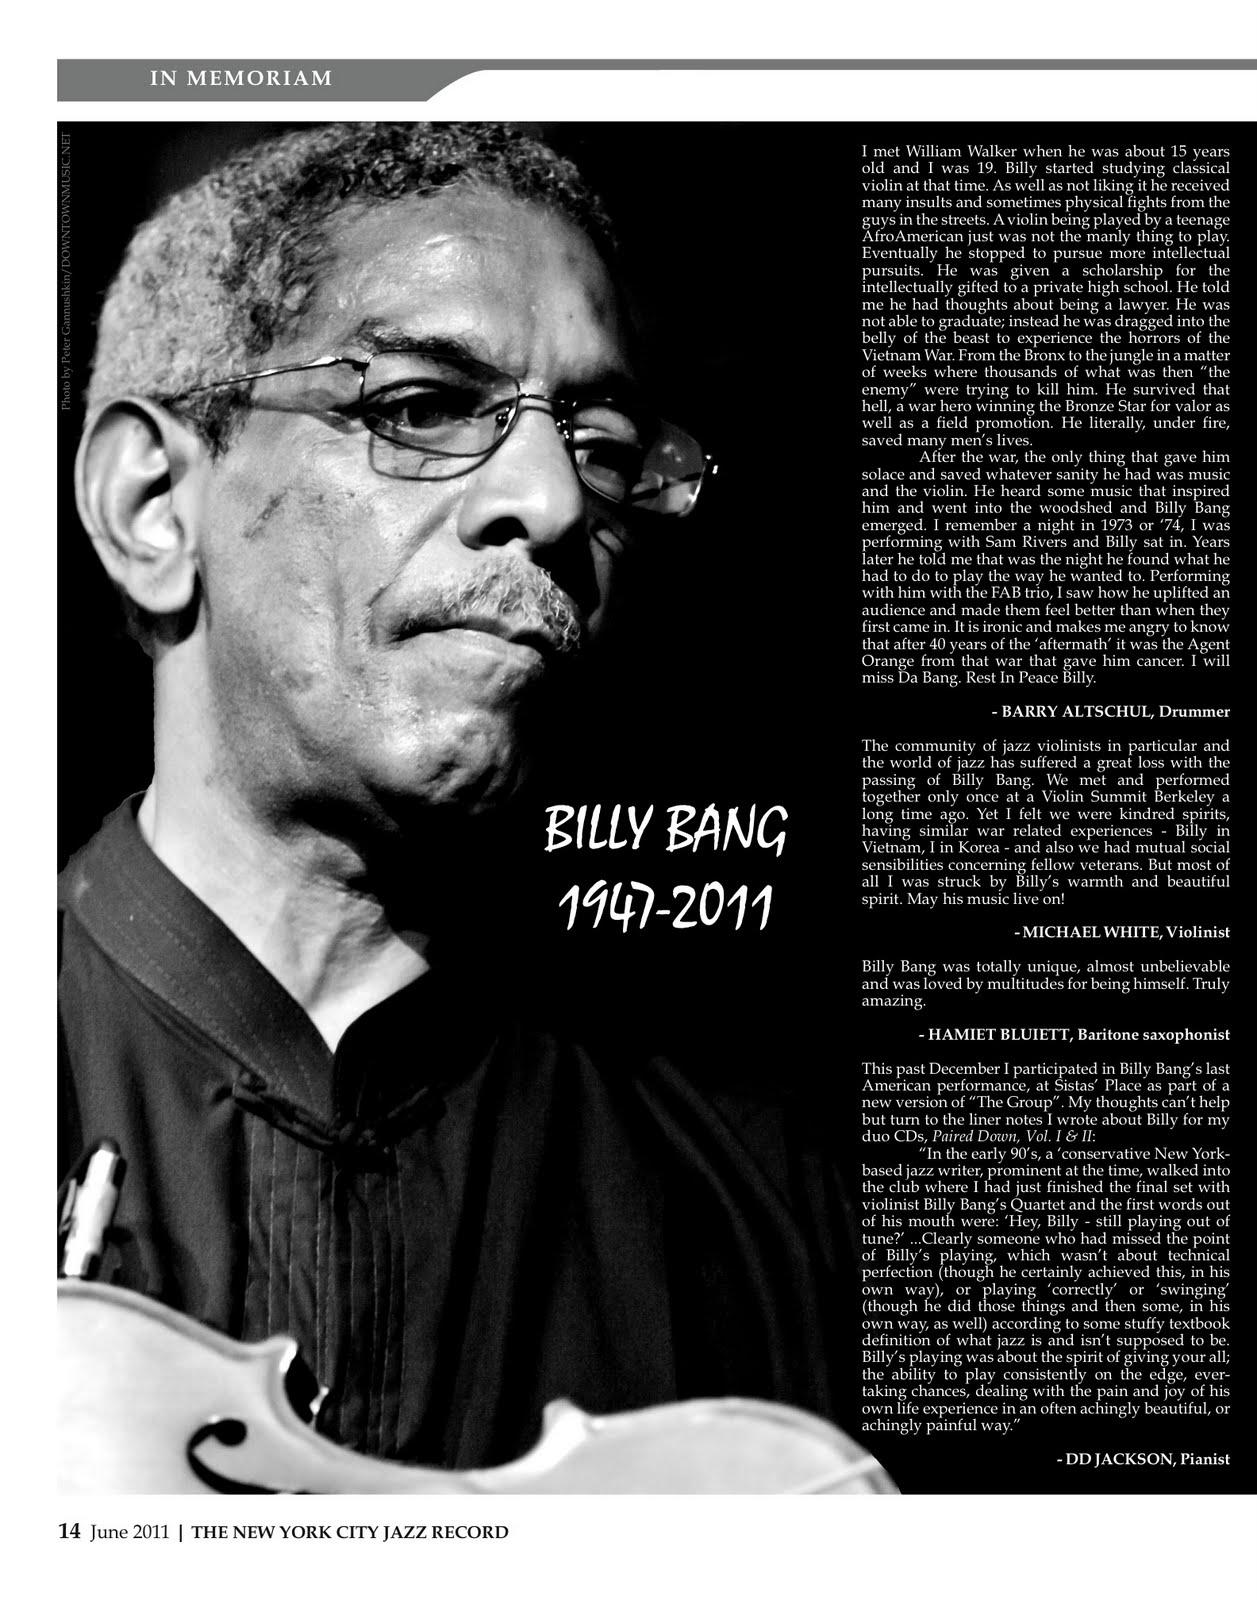 110528 TributeToBillyBang NYCJR 14 15 Shemale Gang Bang – Wendy shemale gang bang